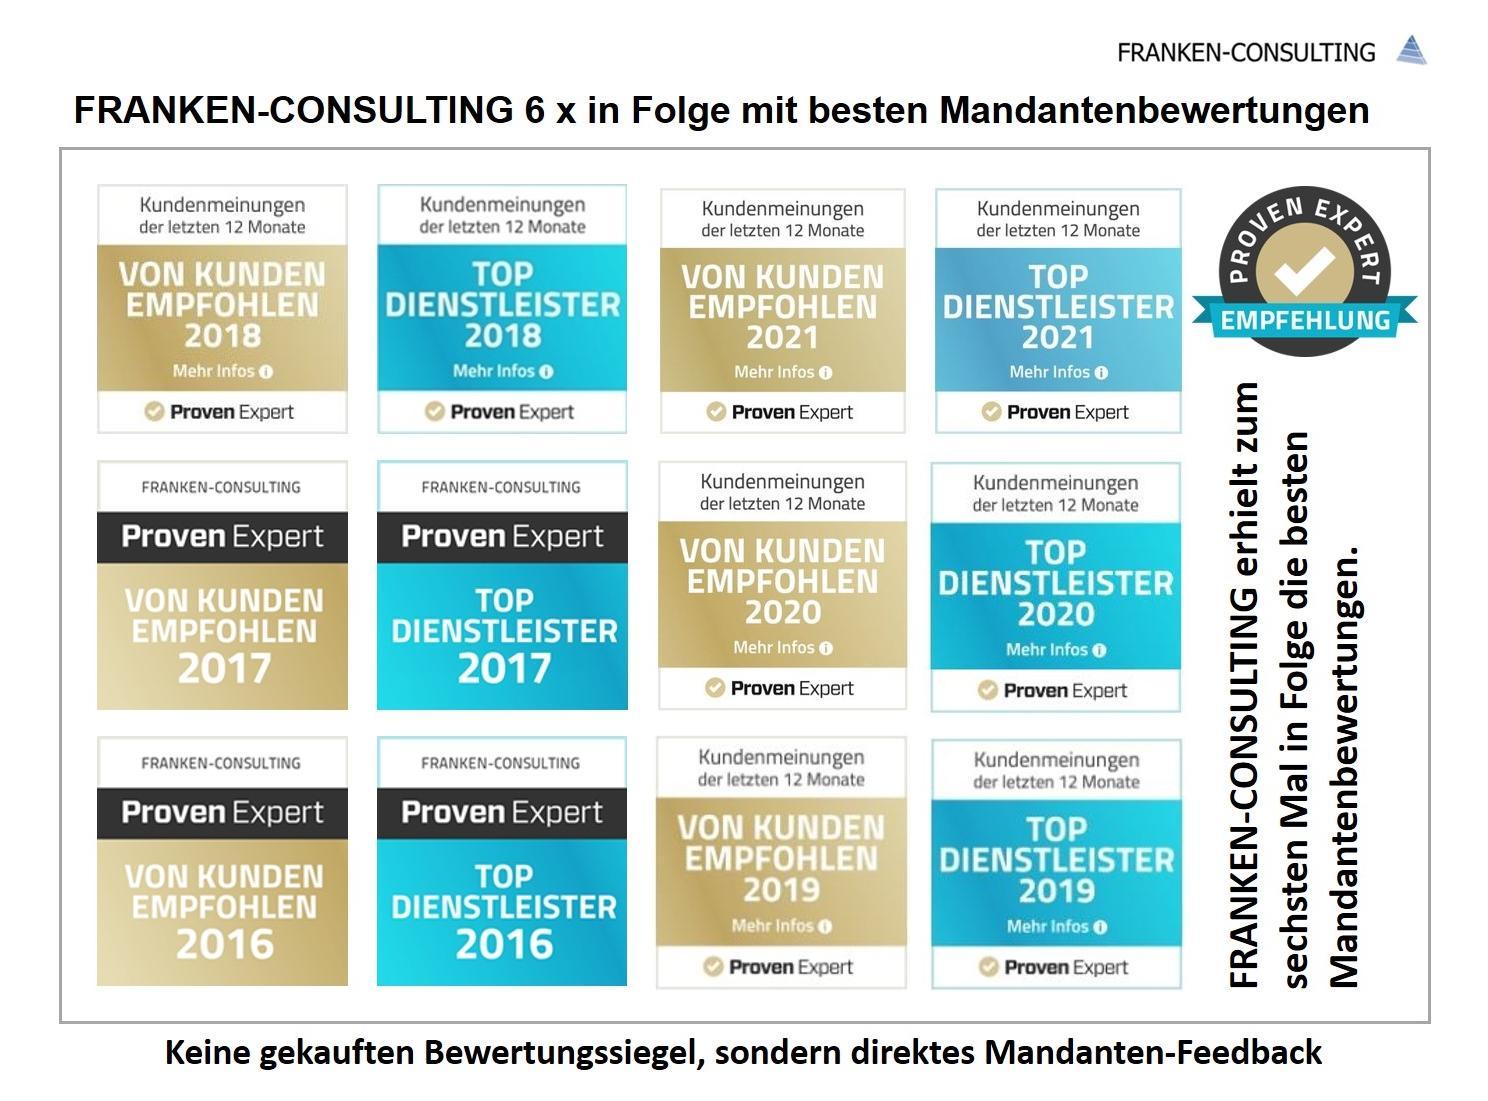 Unternehmensberatung, Managementberatung, NRW, Gelsenkirchen, Essen. köln, düsseldorf, frankfurt, münchen, hamburg, stuttgart, international